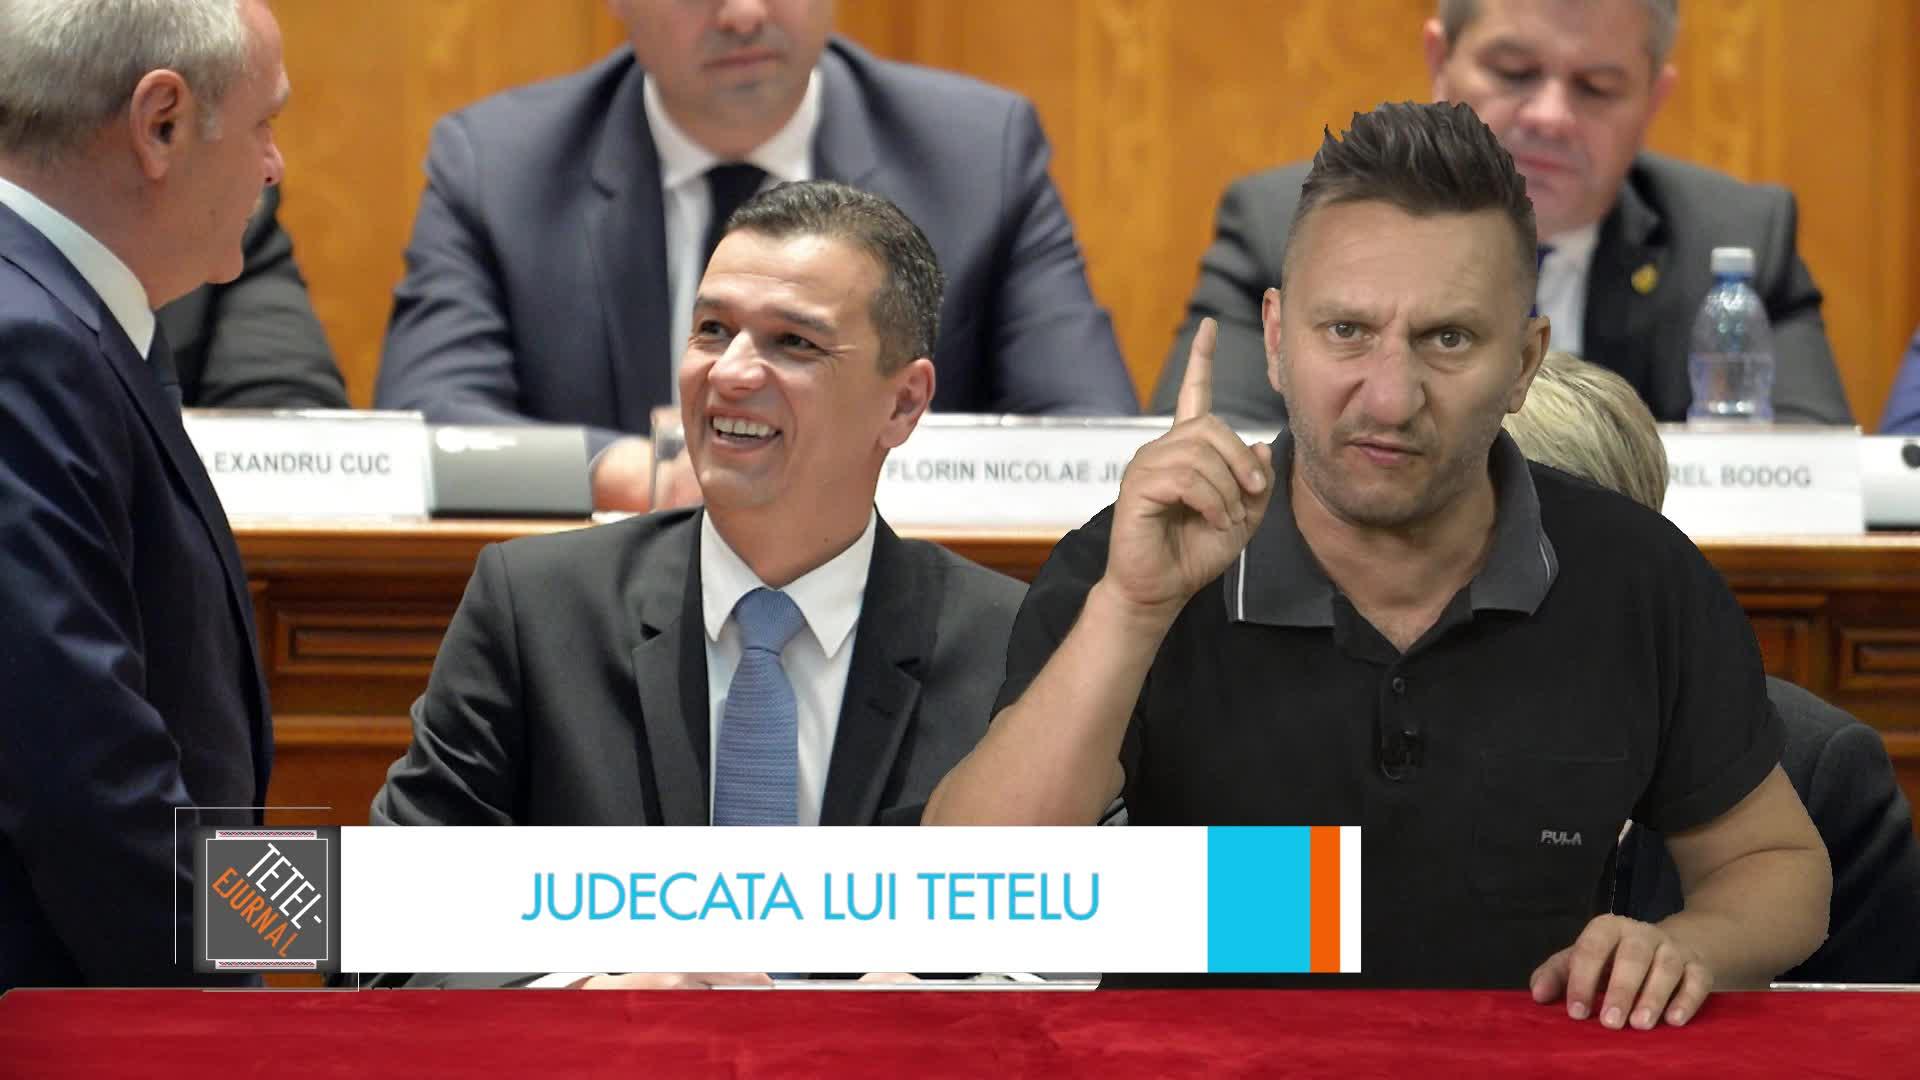 Judecata lui Tetelu: Dresura de partid